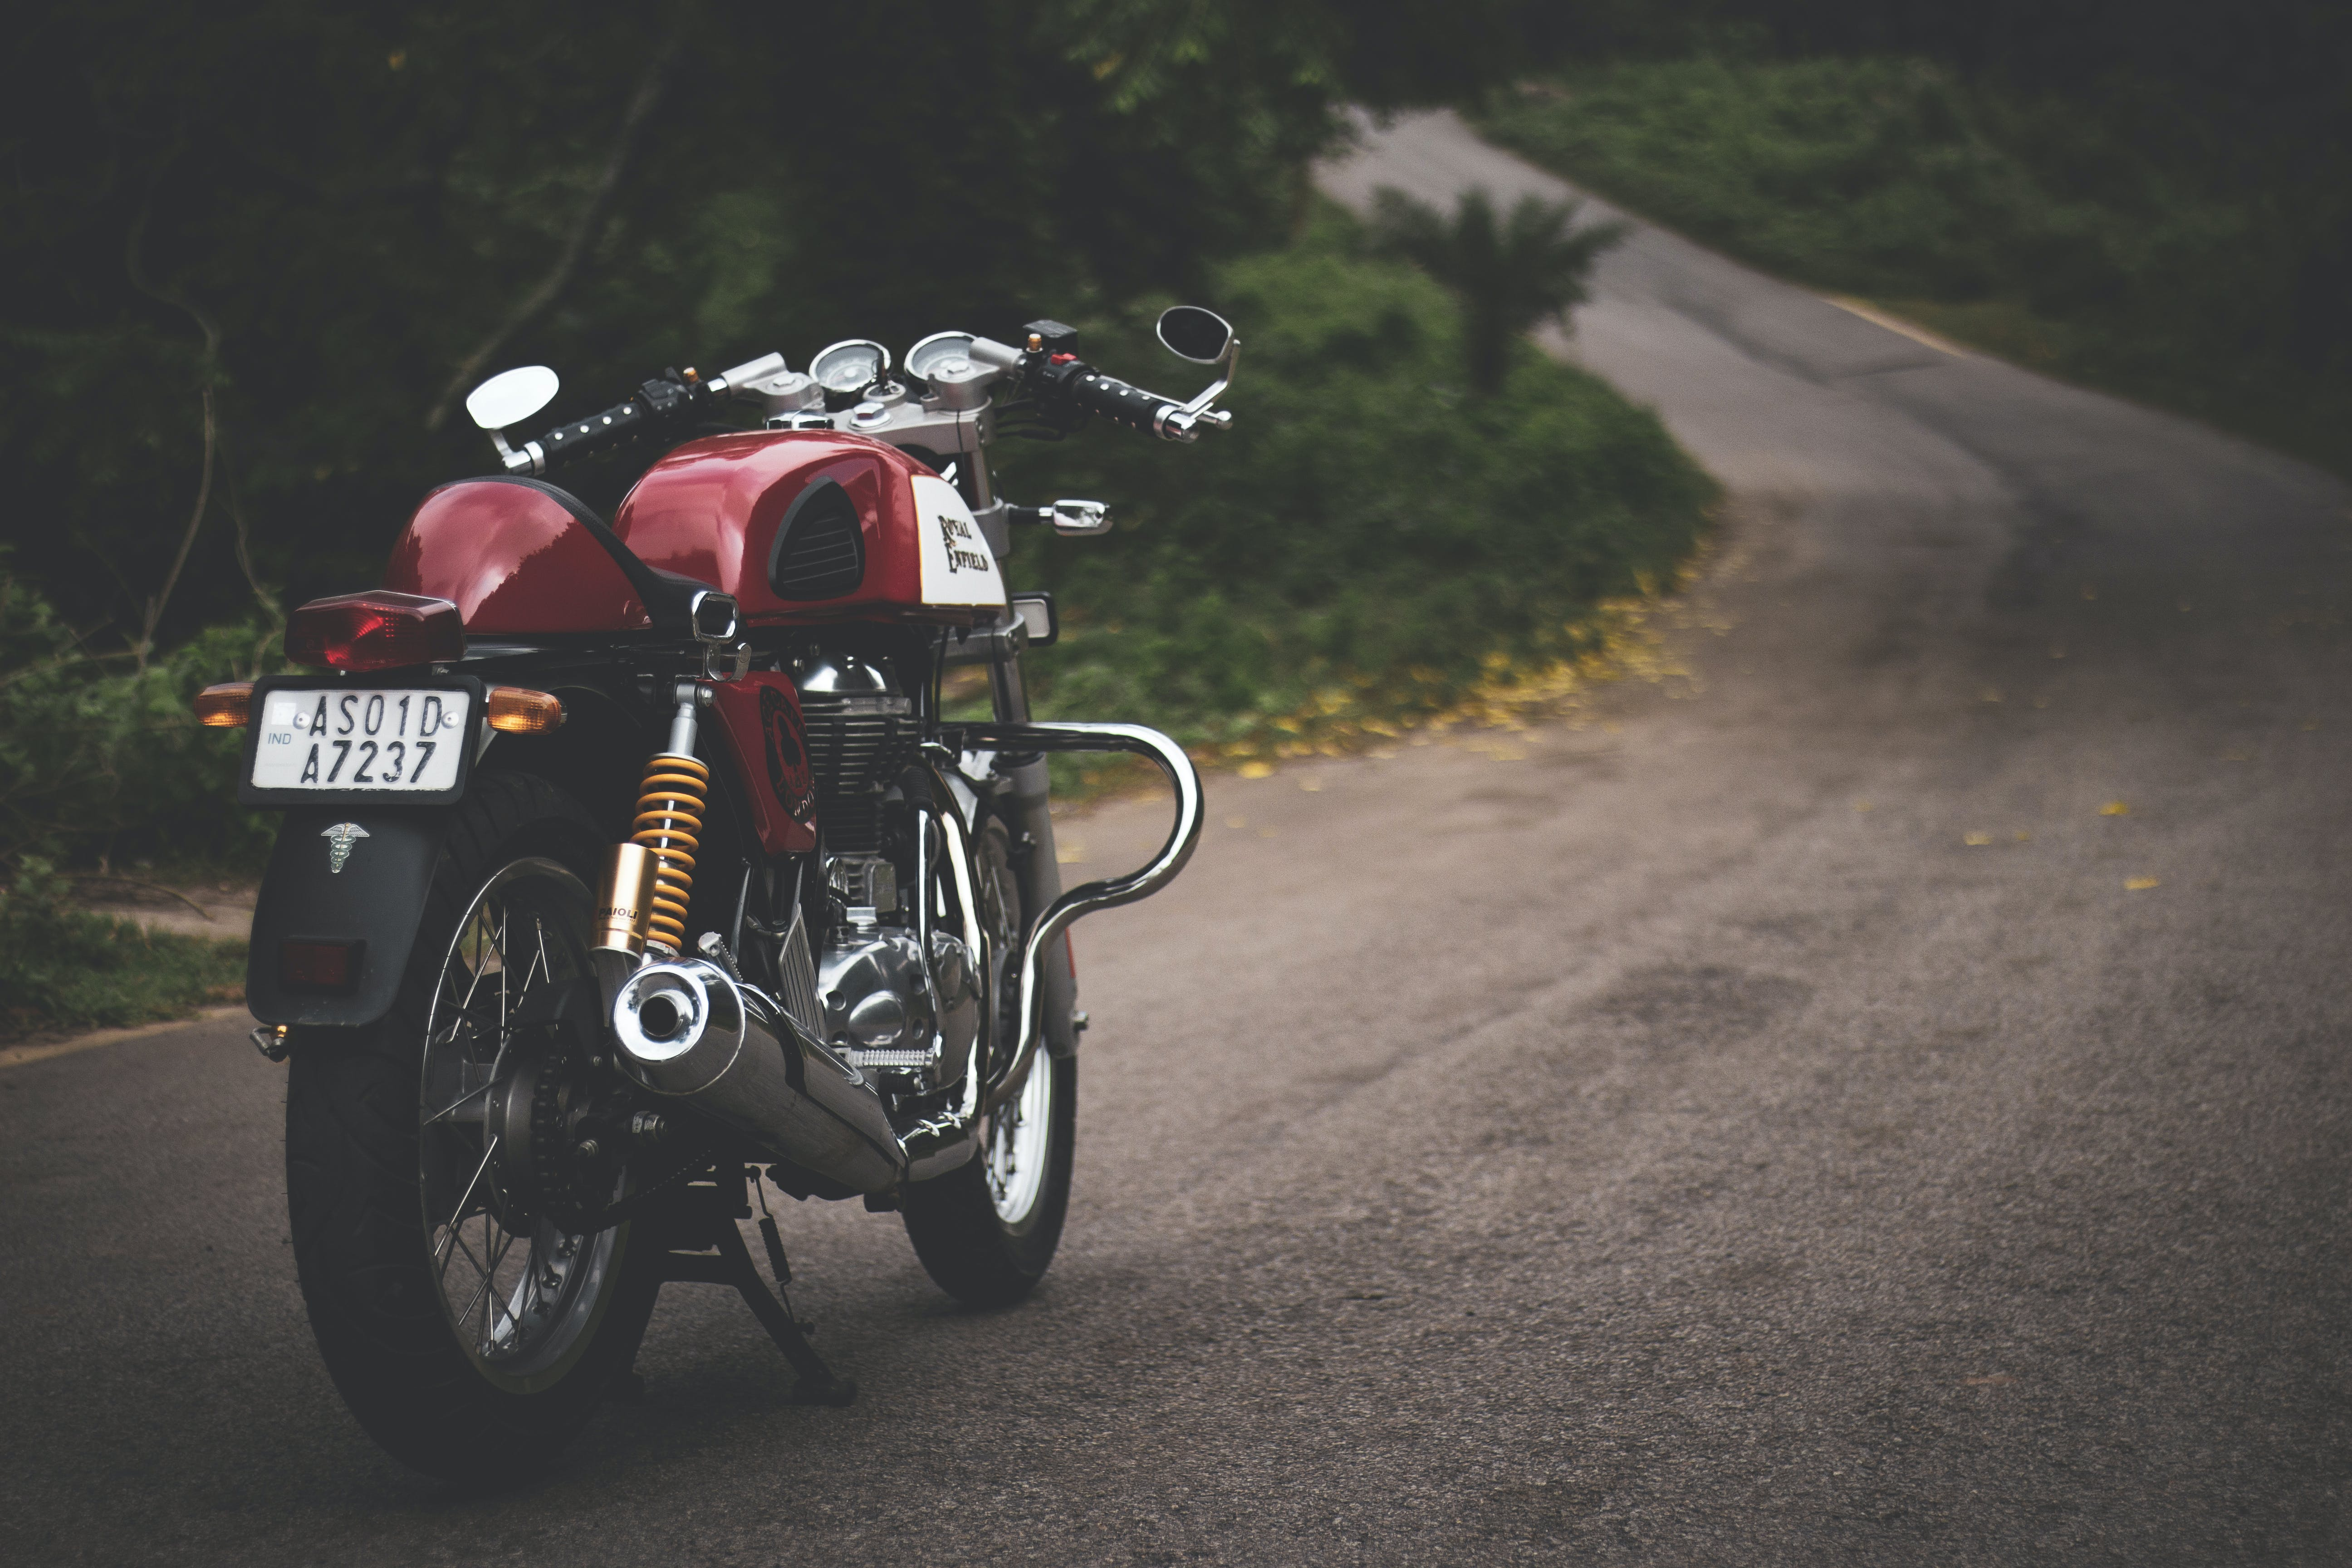 Безкоштовне стокове фото на тему «асфальт, двигун, дорога, класичний»